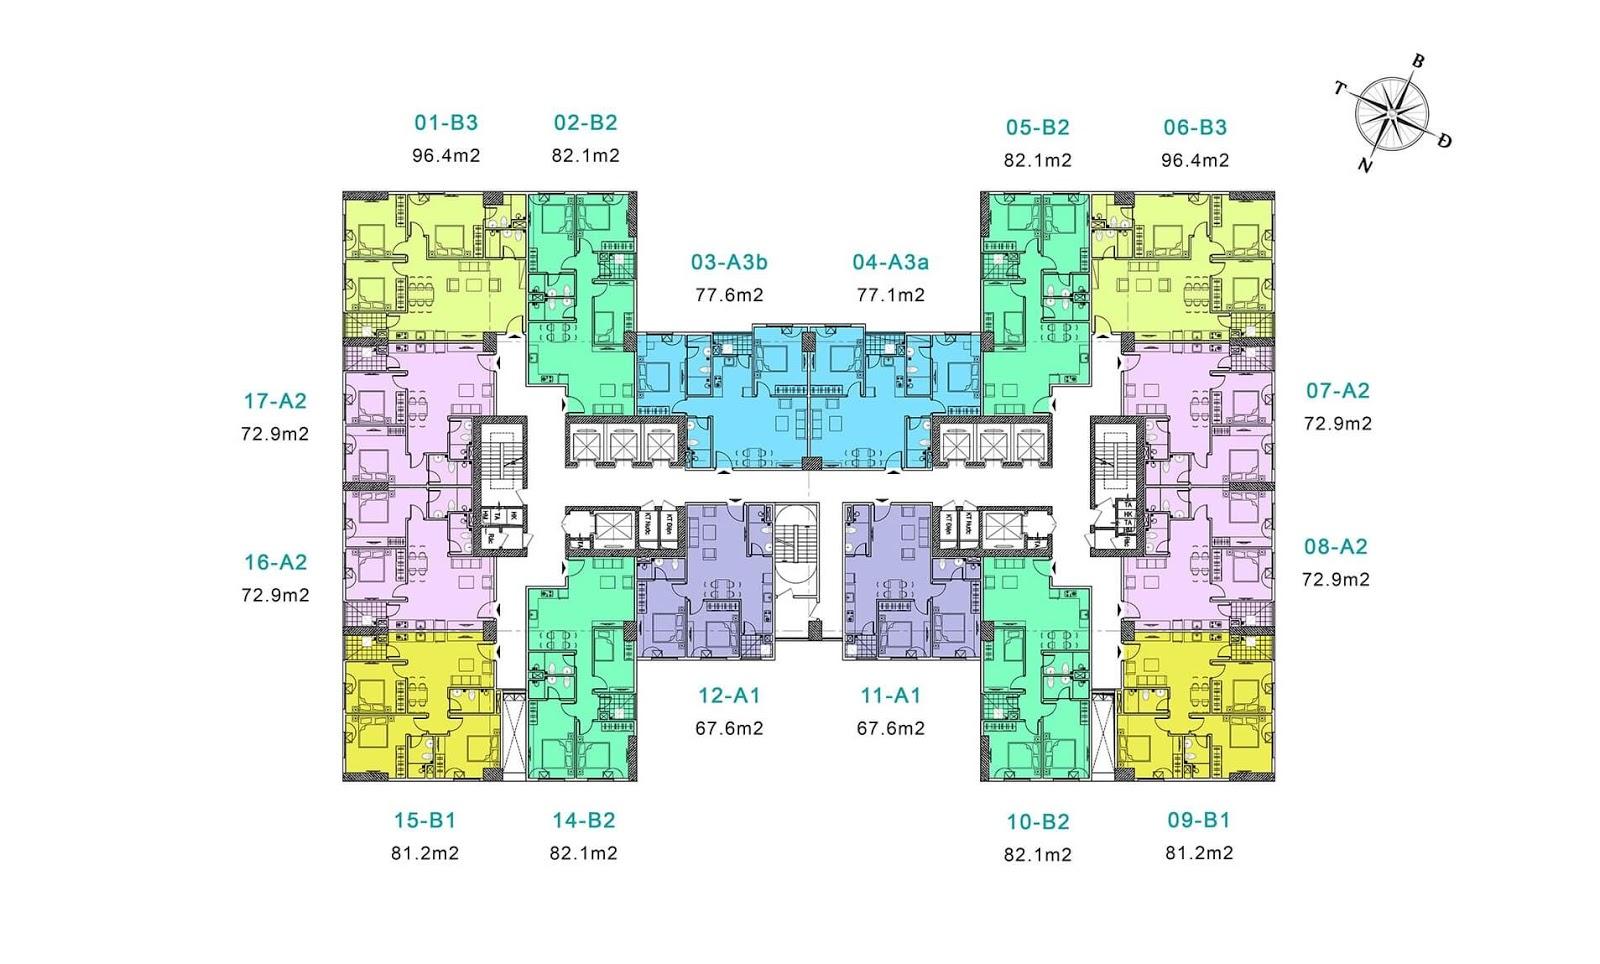 Mặt bằng tầng điển hình dự tòa Park1 và Park 2 - Eurowindow River Park